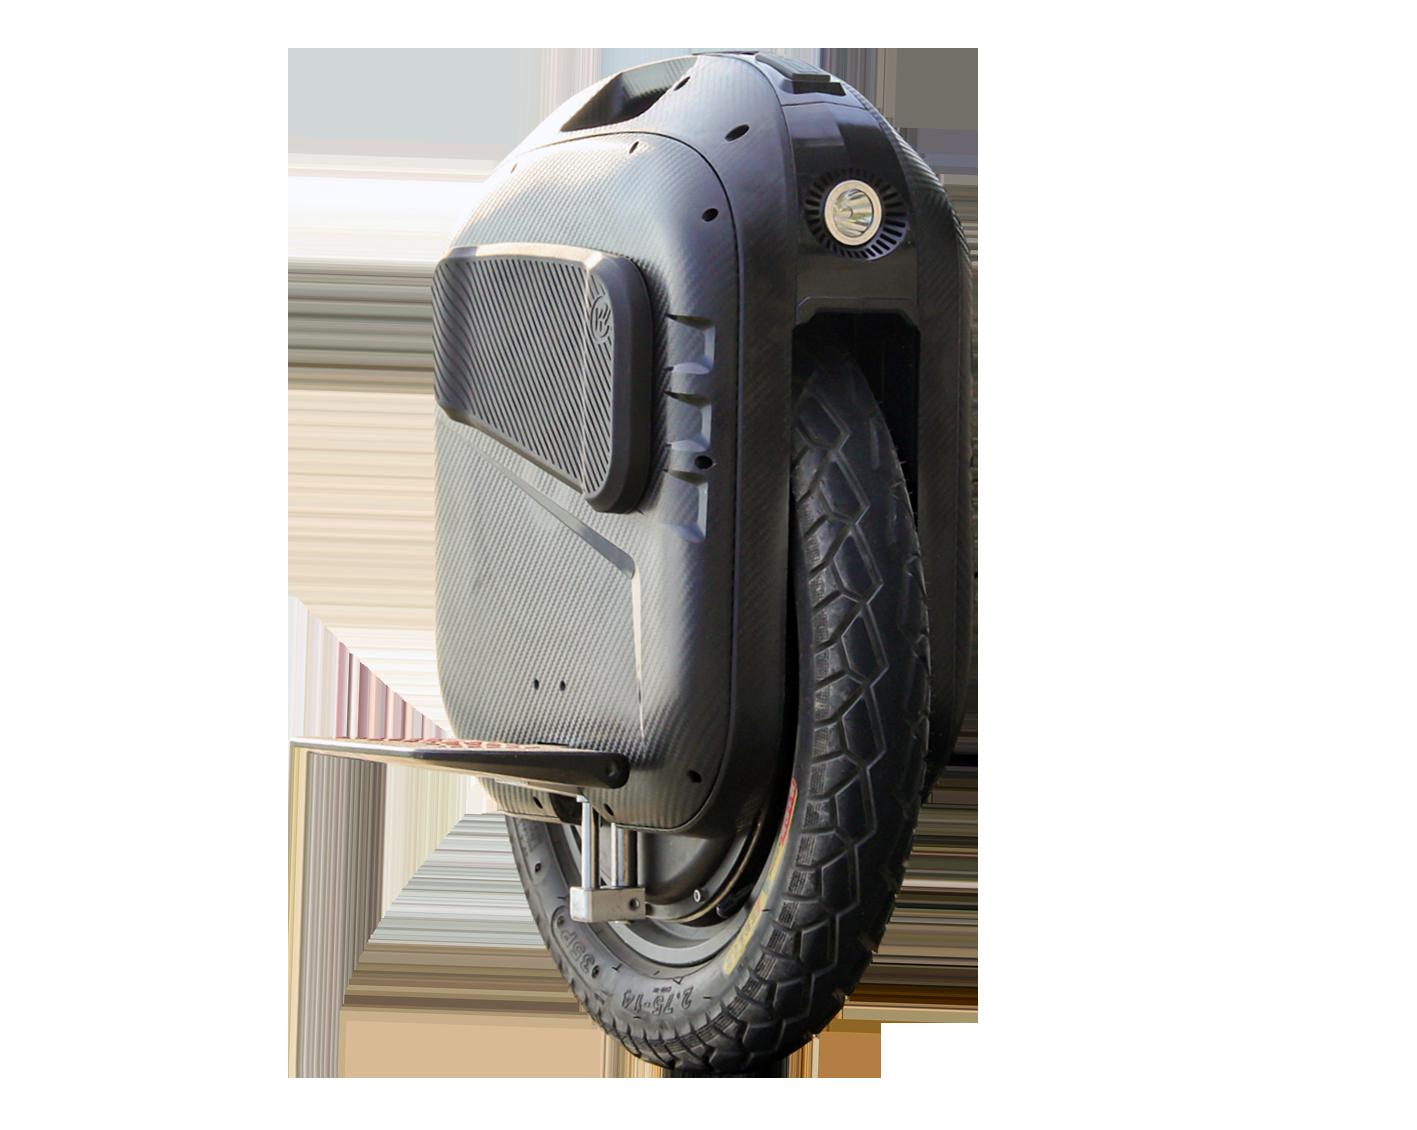 Gotway Monociclo EX (Velocidade máxima: 68 km/h   Autonomia: 150 a 230 km)